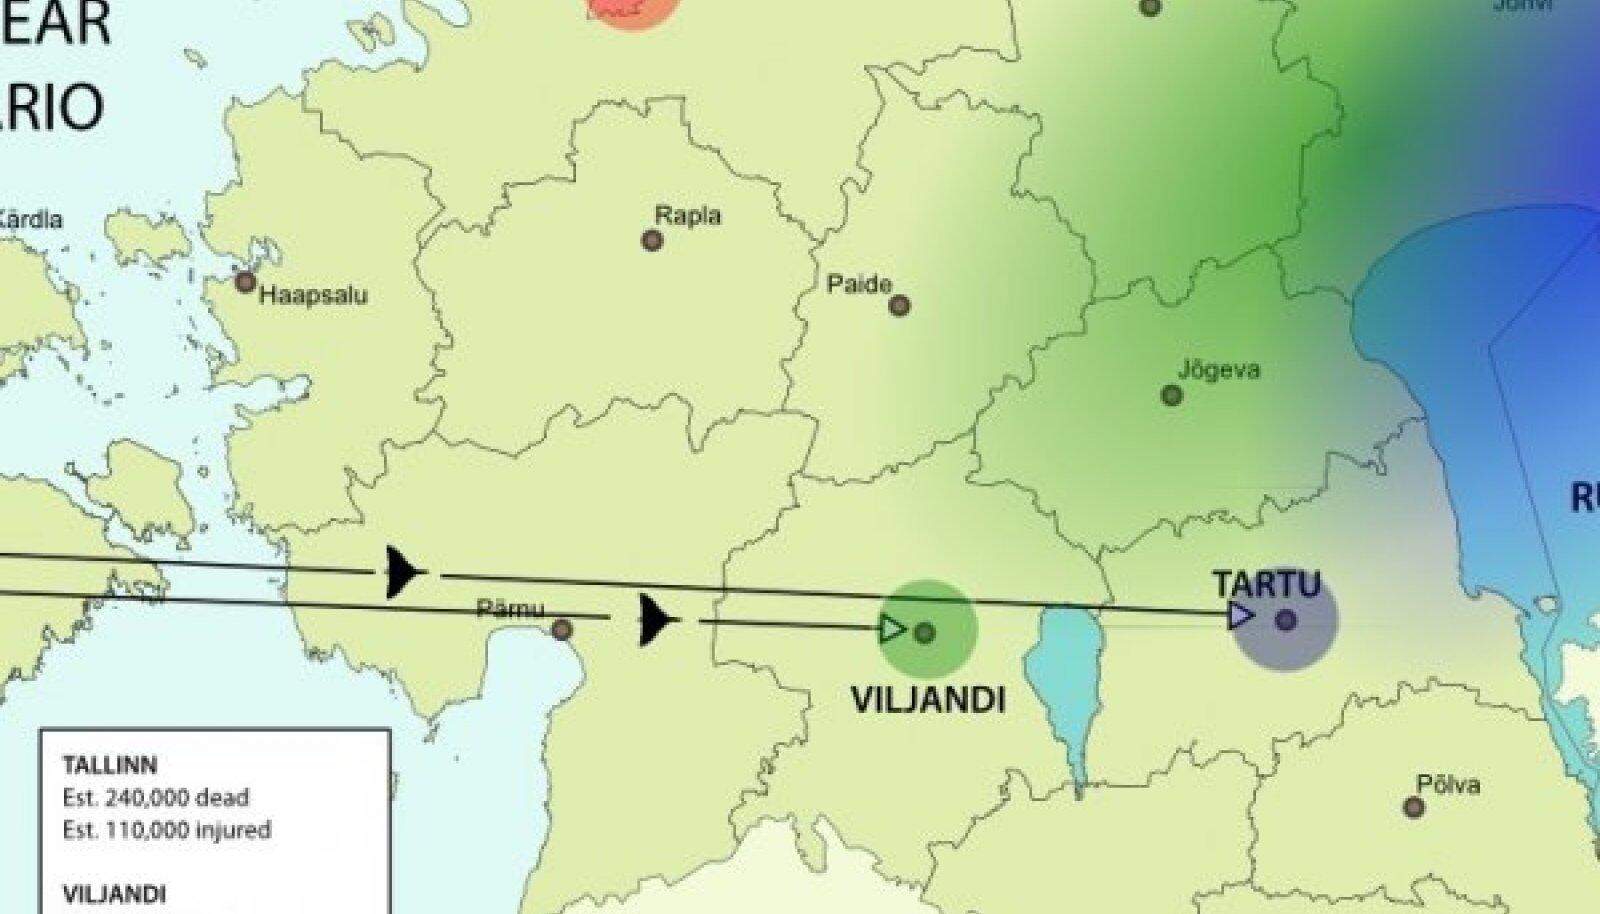 Briti tuumasõja sihtmärgid Eestis. Kaart: estonianworld.com